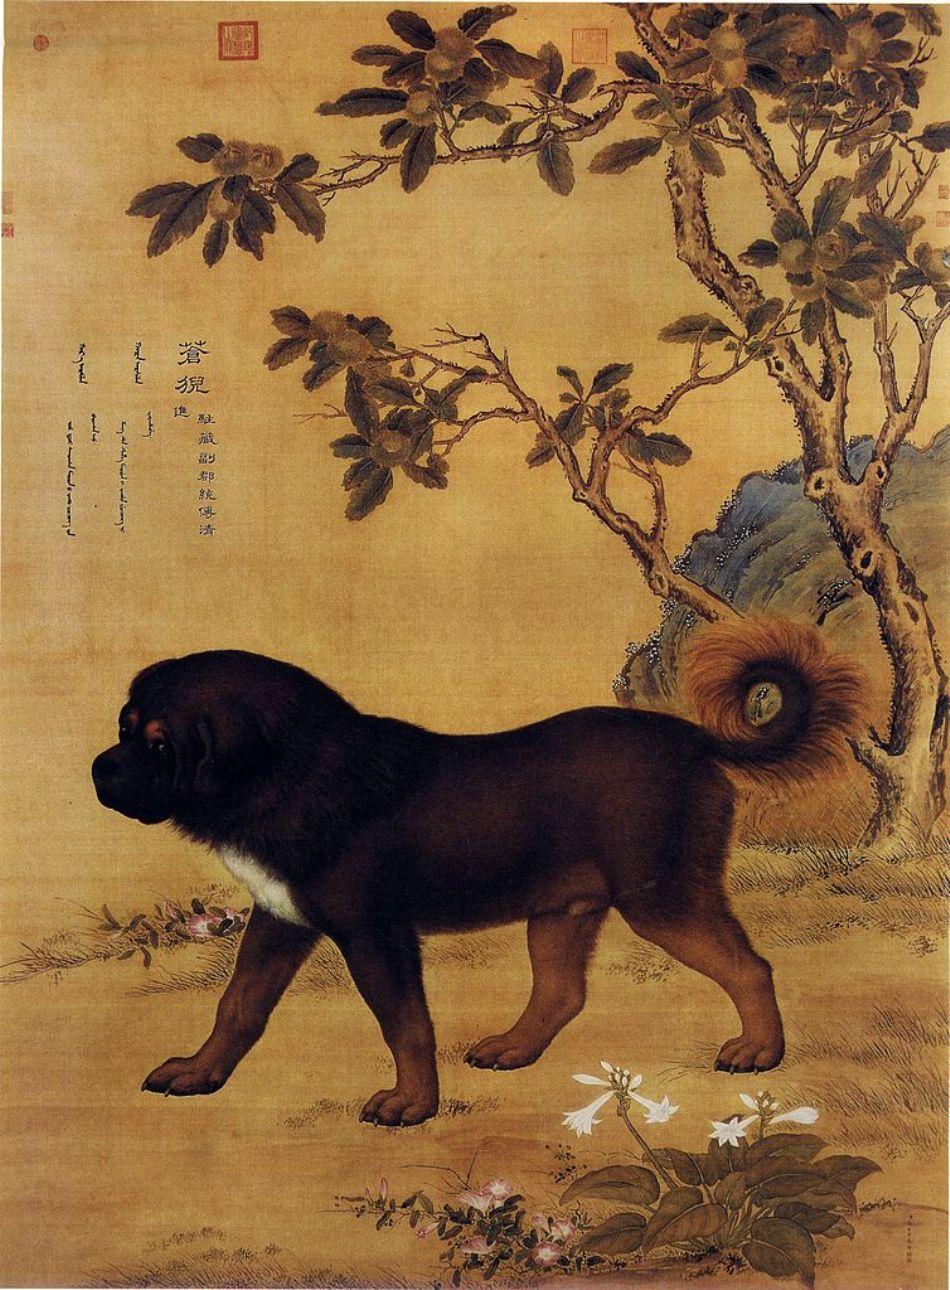 Stampă veche chineză care prezintă un dog tibetan